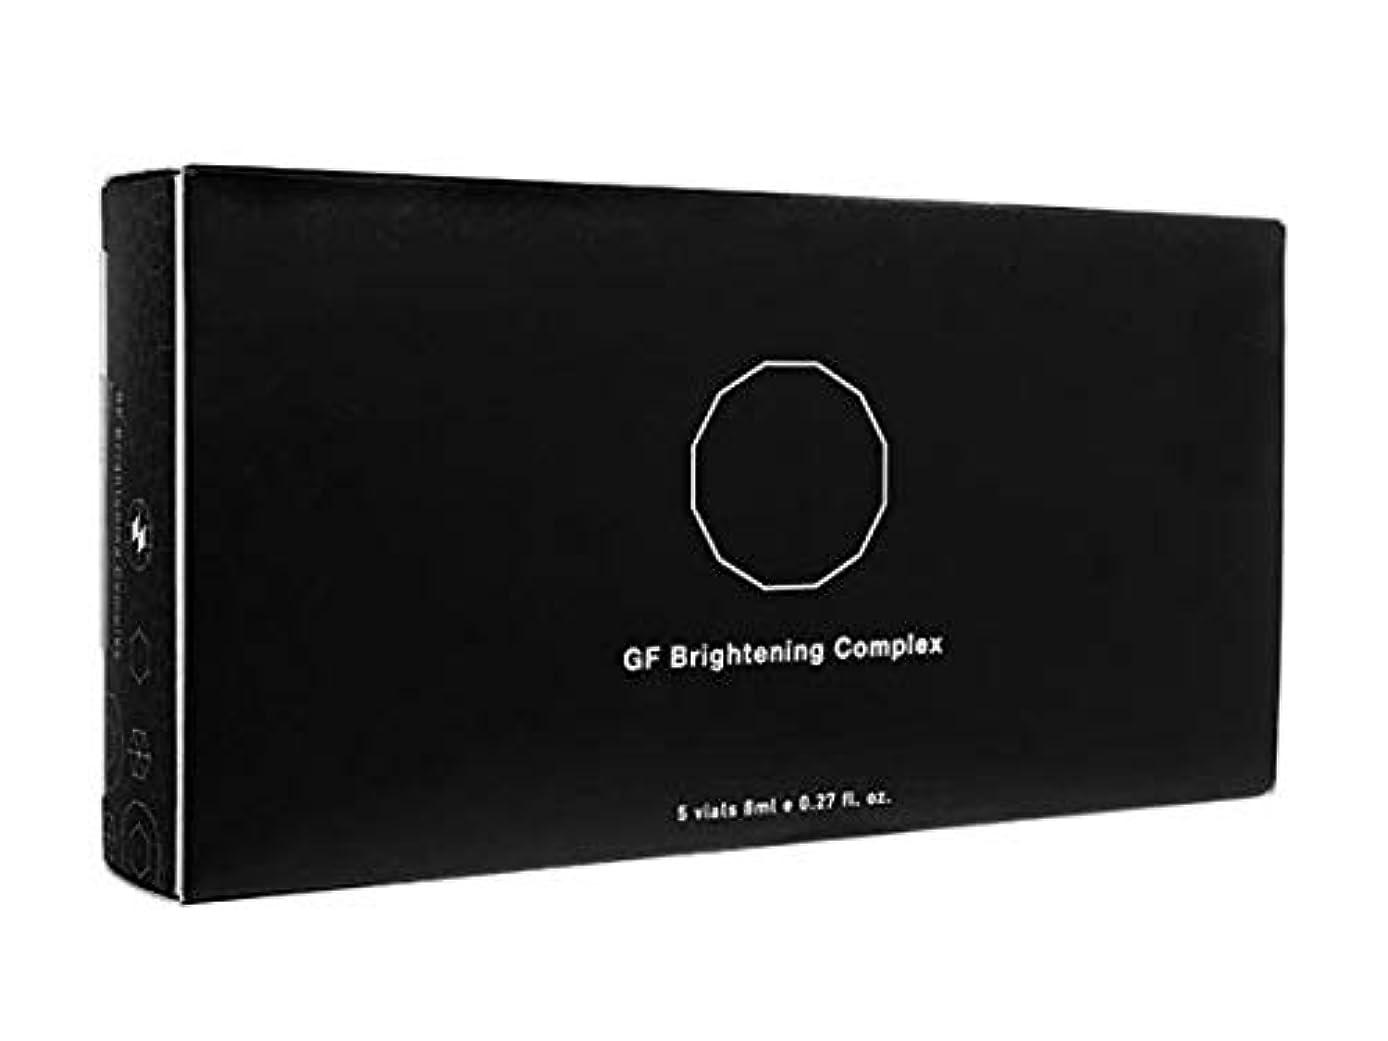 スポーツマンのれん郵便番号べネブ ブライトニング コンプレックス 8ml 5本 (Benev) GF Brightening Complex